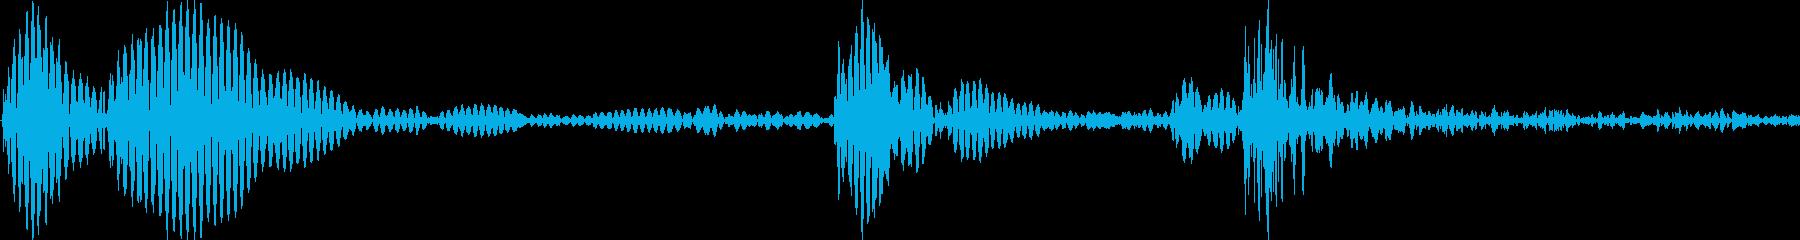 カジュアルなキャンセル音、カコン⤵︎の再生済みの波形